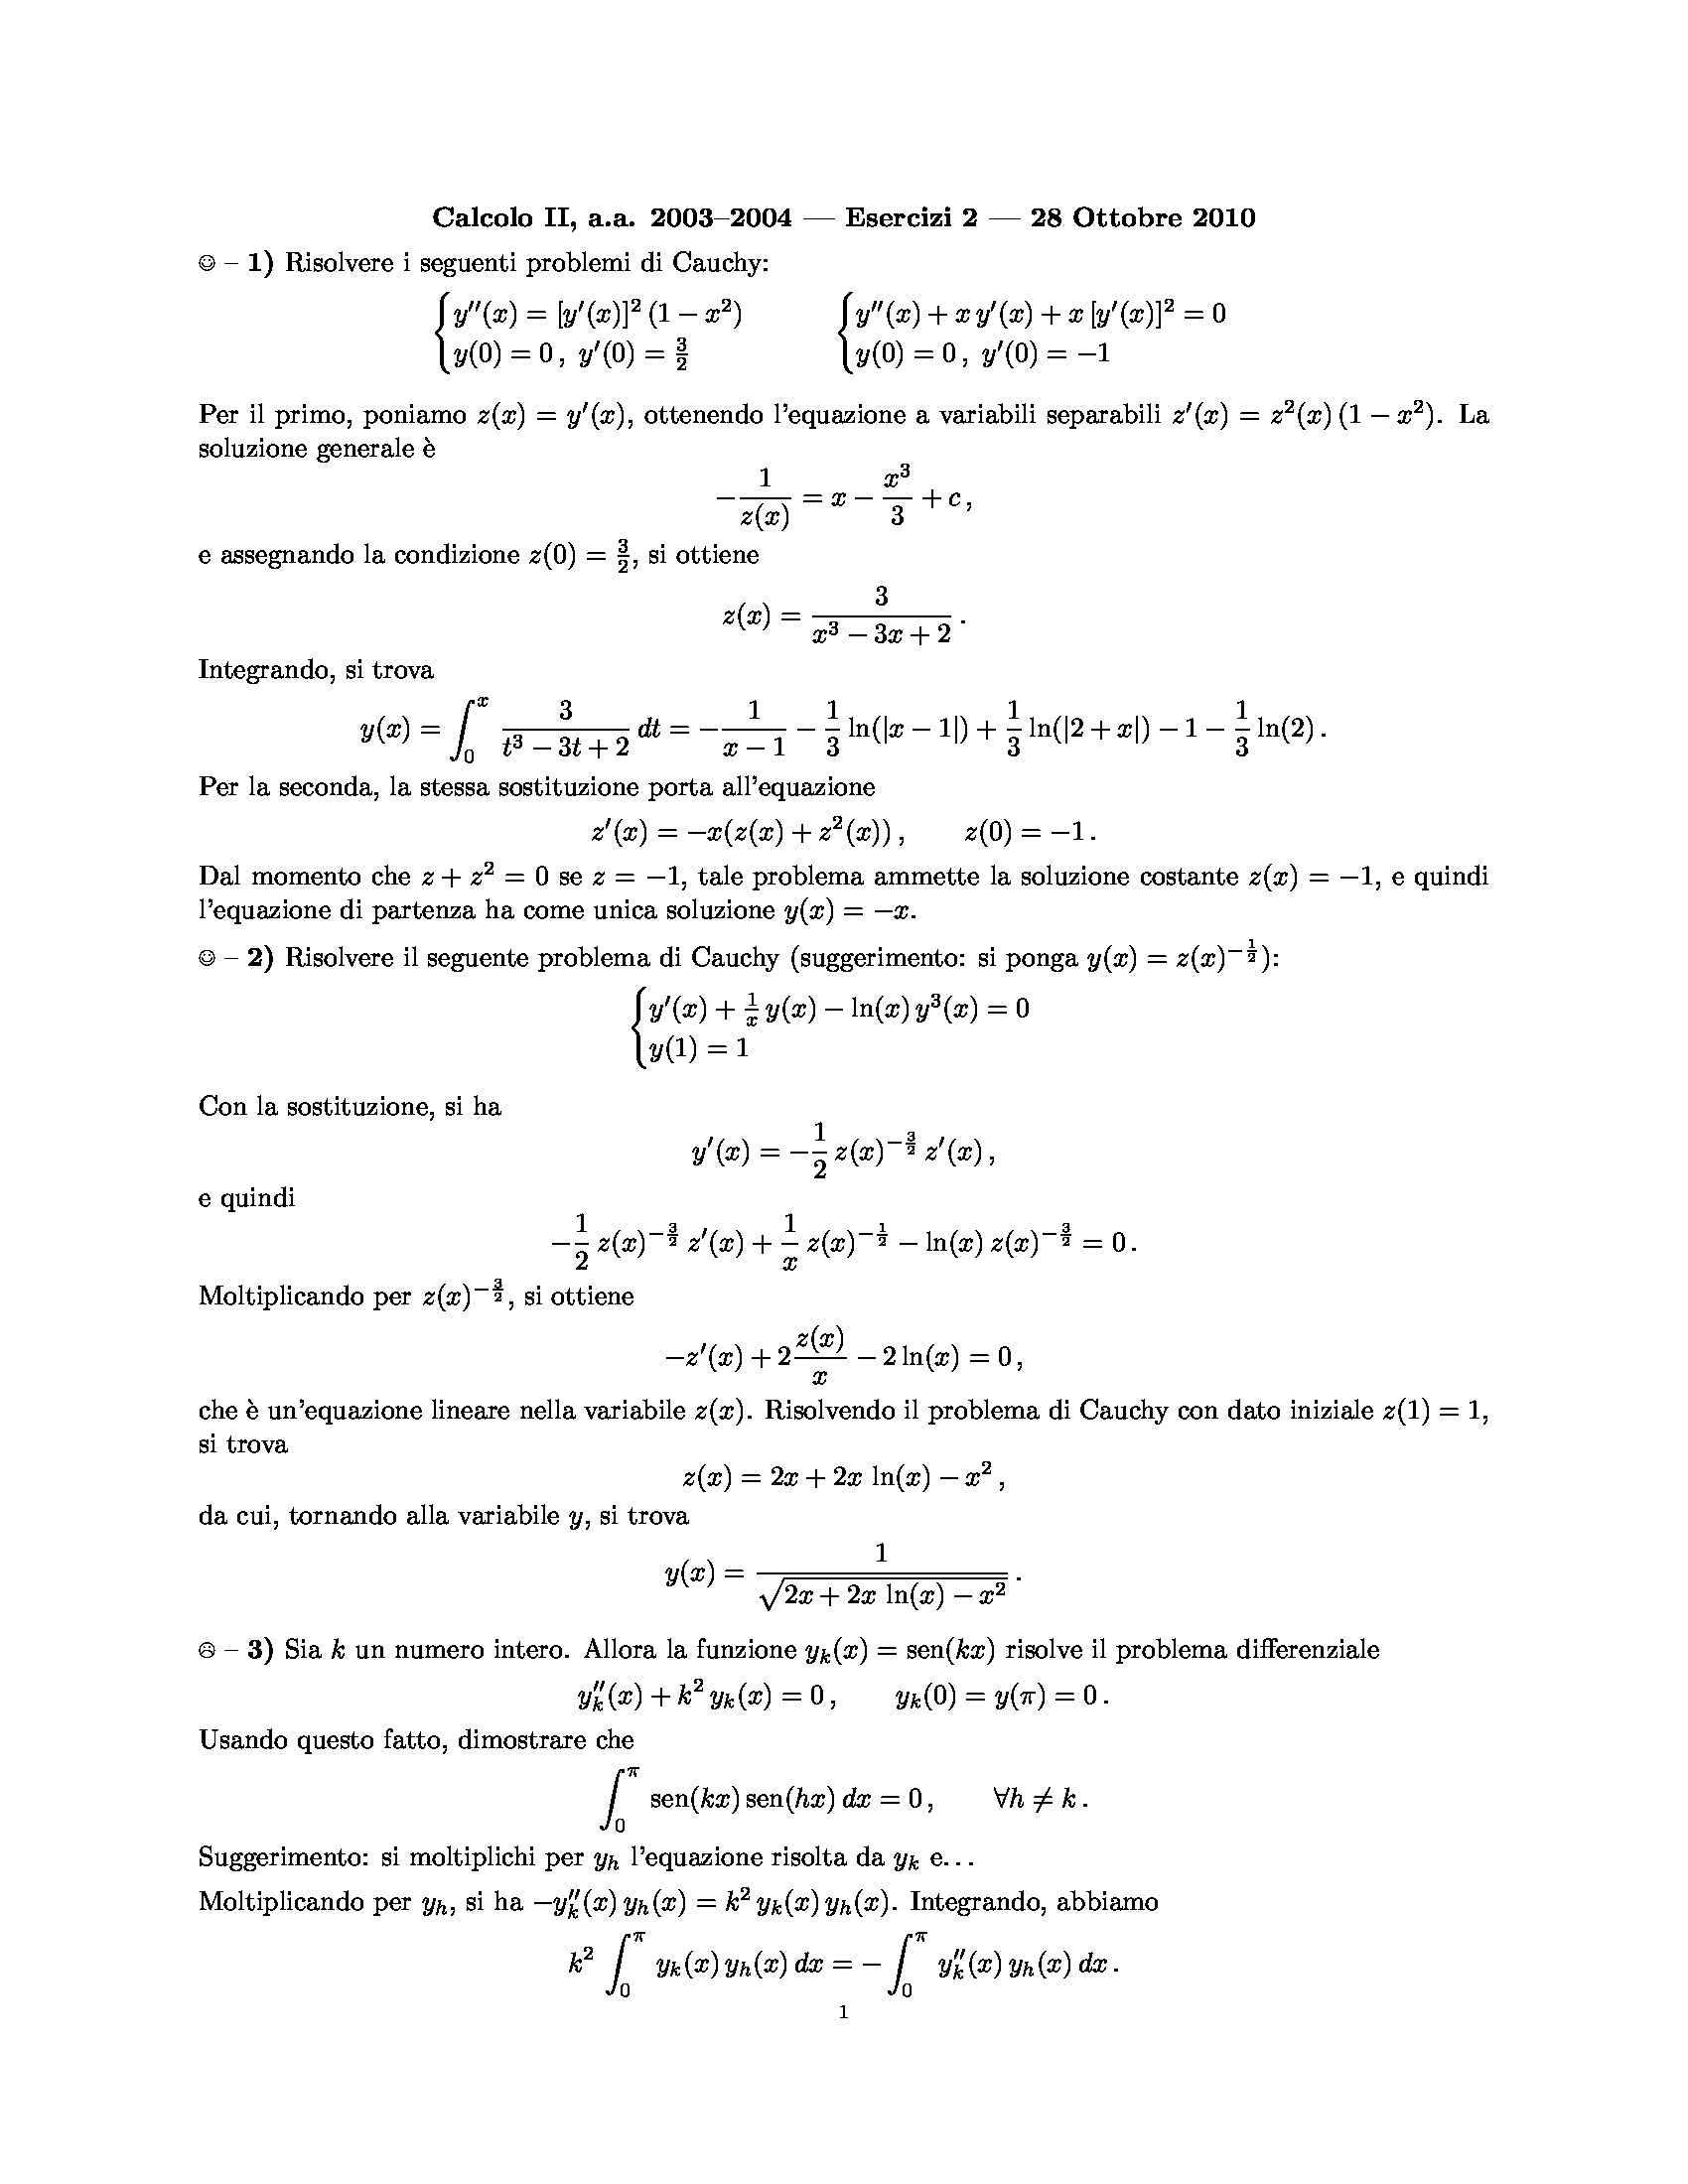 Problema di Cauchy - Soluzioni